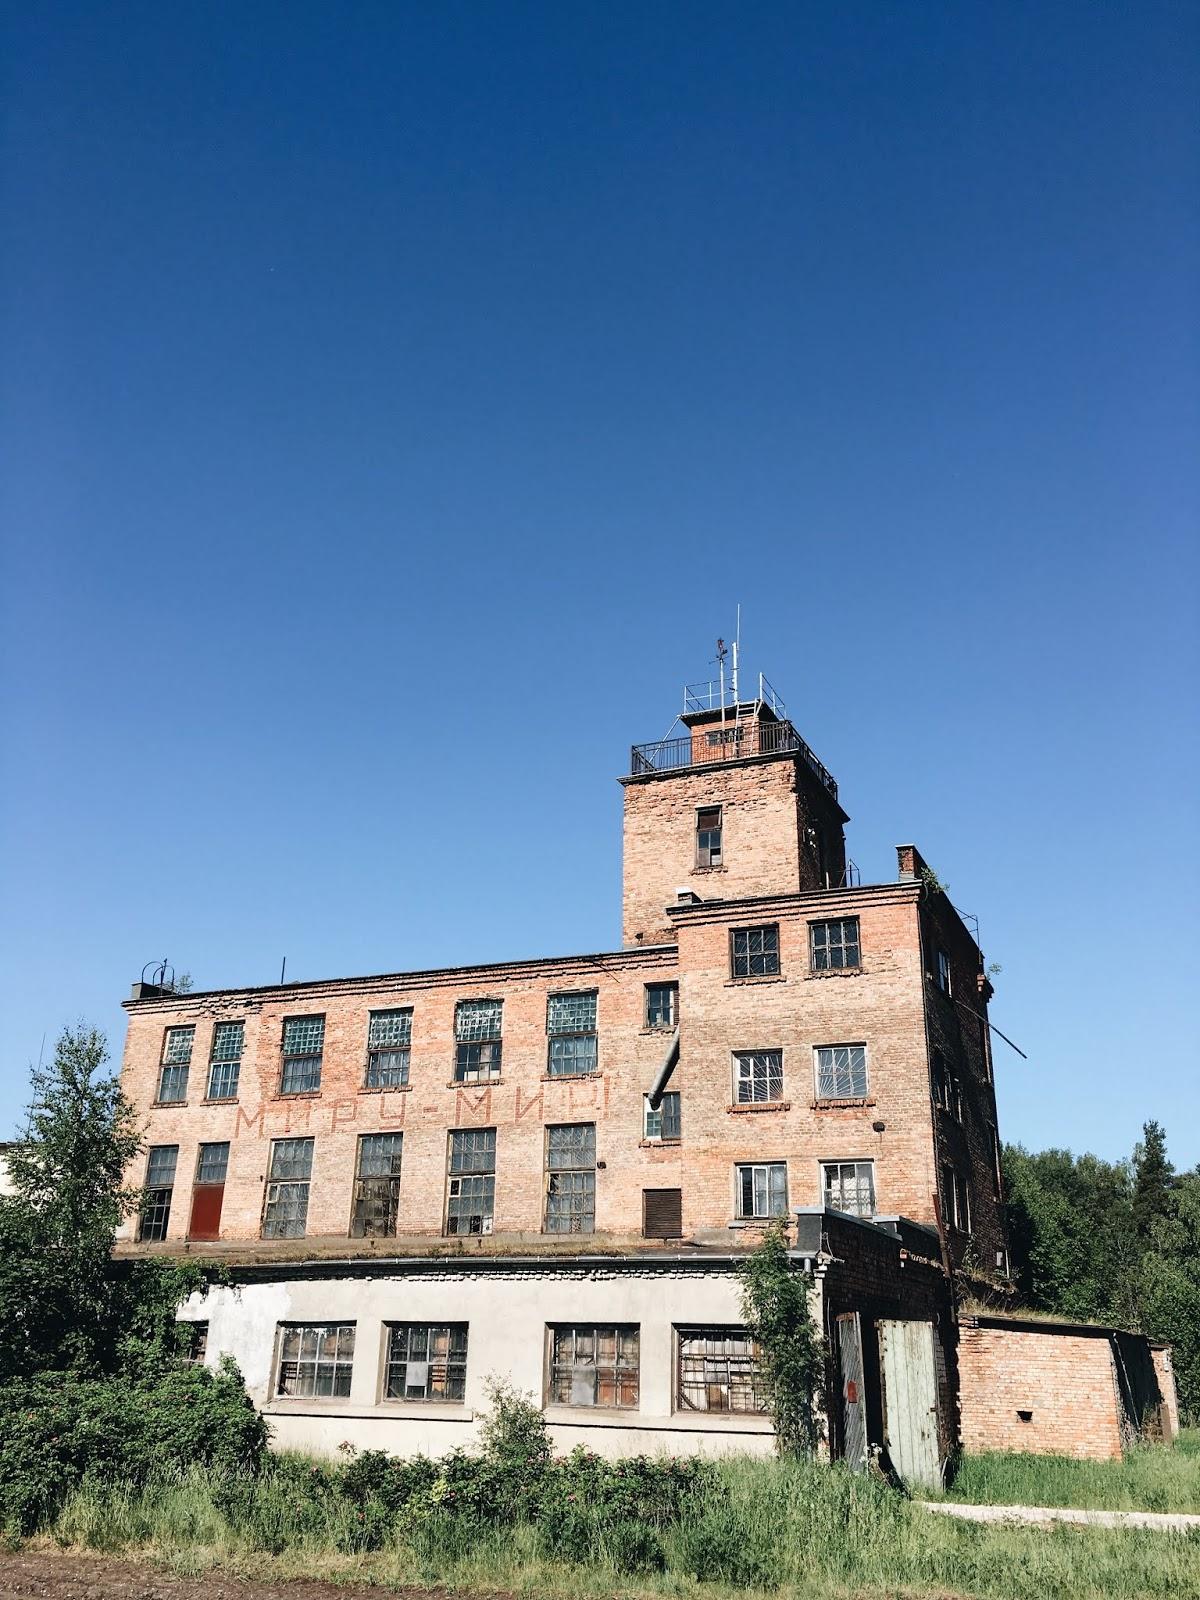 #instatrip: rūpnieciskais mantojums - #instatrip: industrial heritage